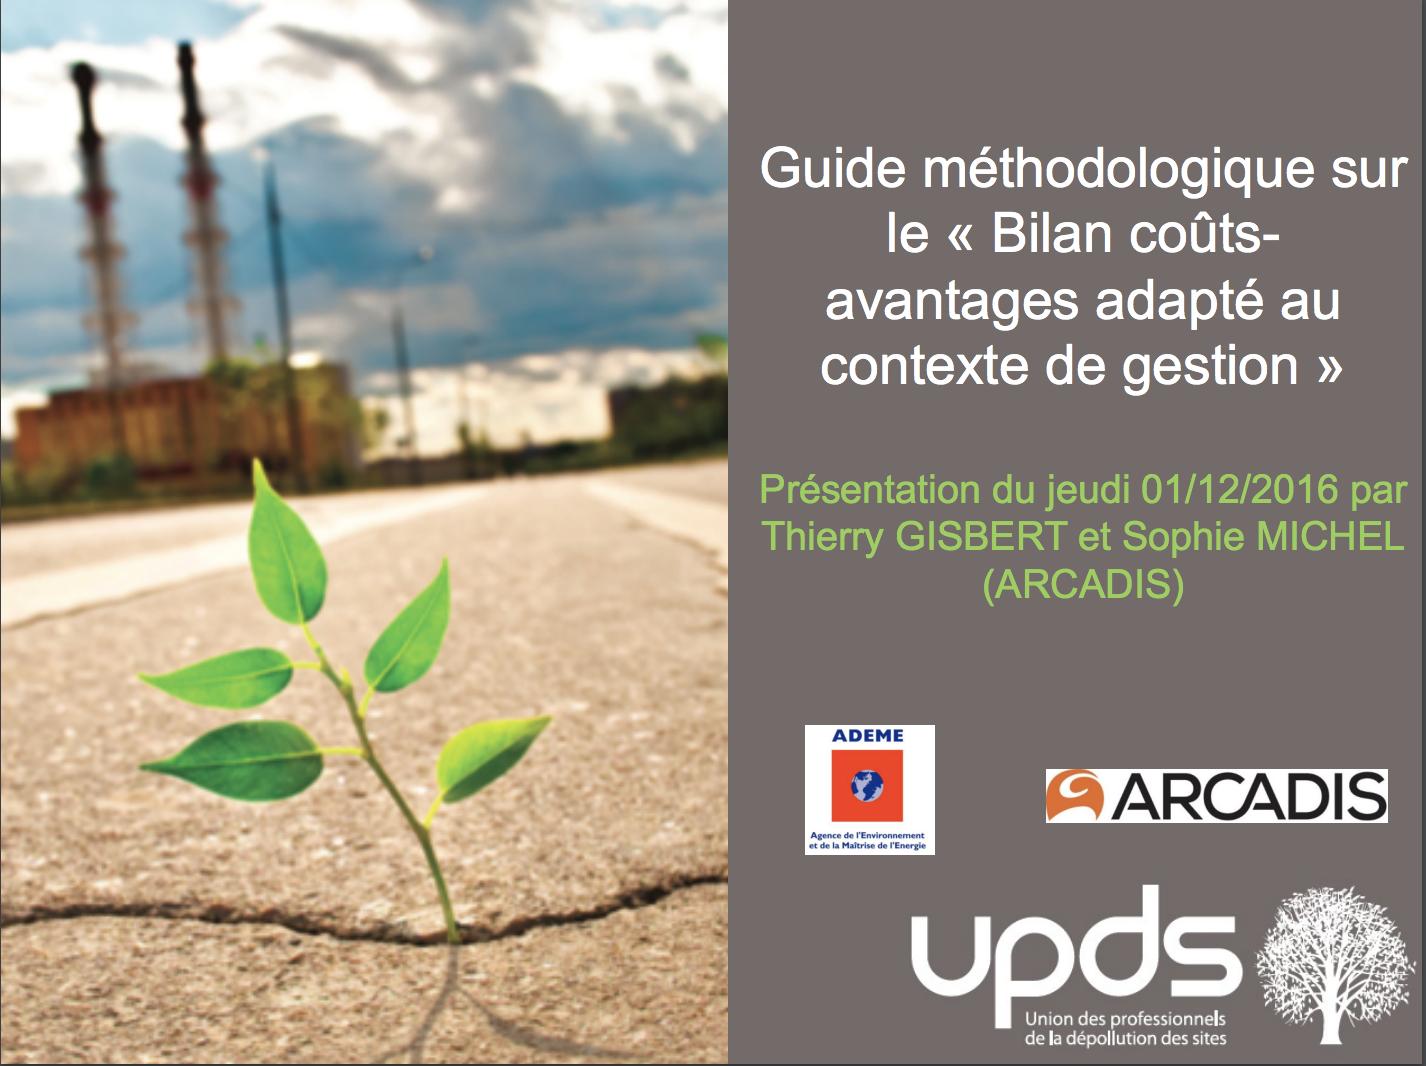 Présentation du guide sur le Bilan Coûts Avantages - UPDS, ARCADIS - 2016